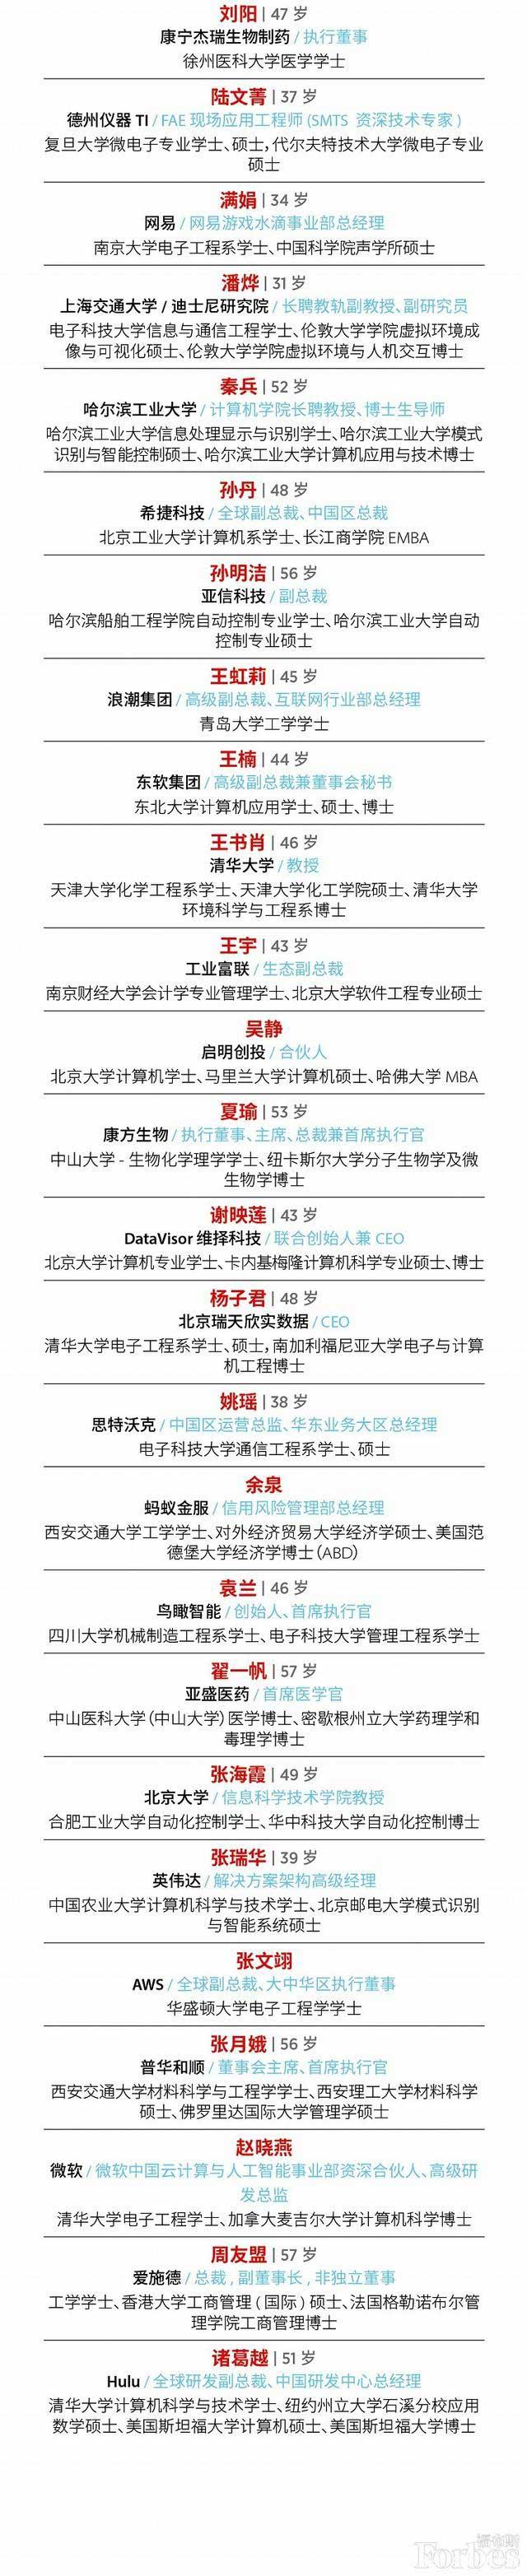 福布斯中国2020科技女性榜,985级教育经历超过90%-第2张图片-中国大学排行榜